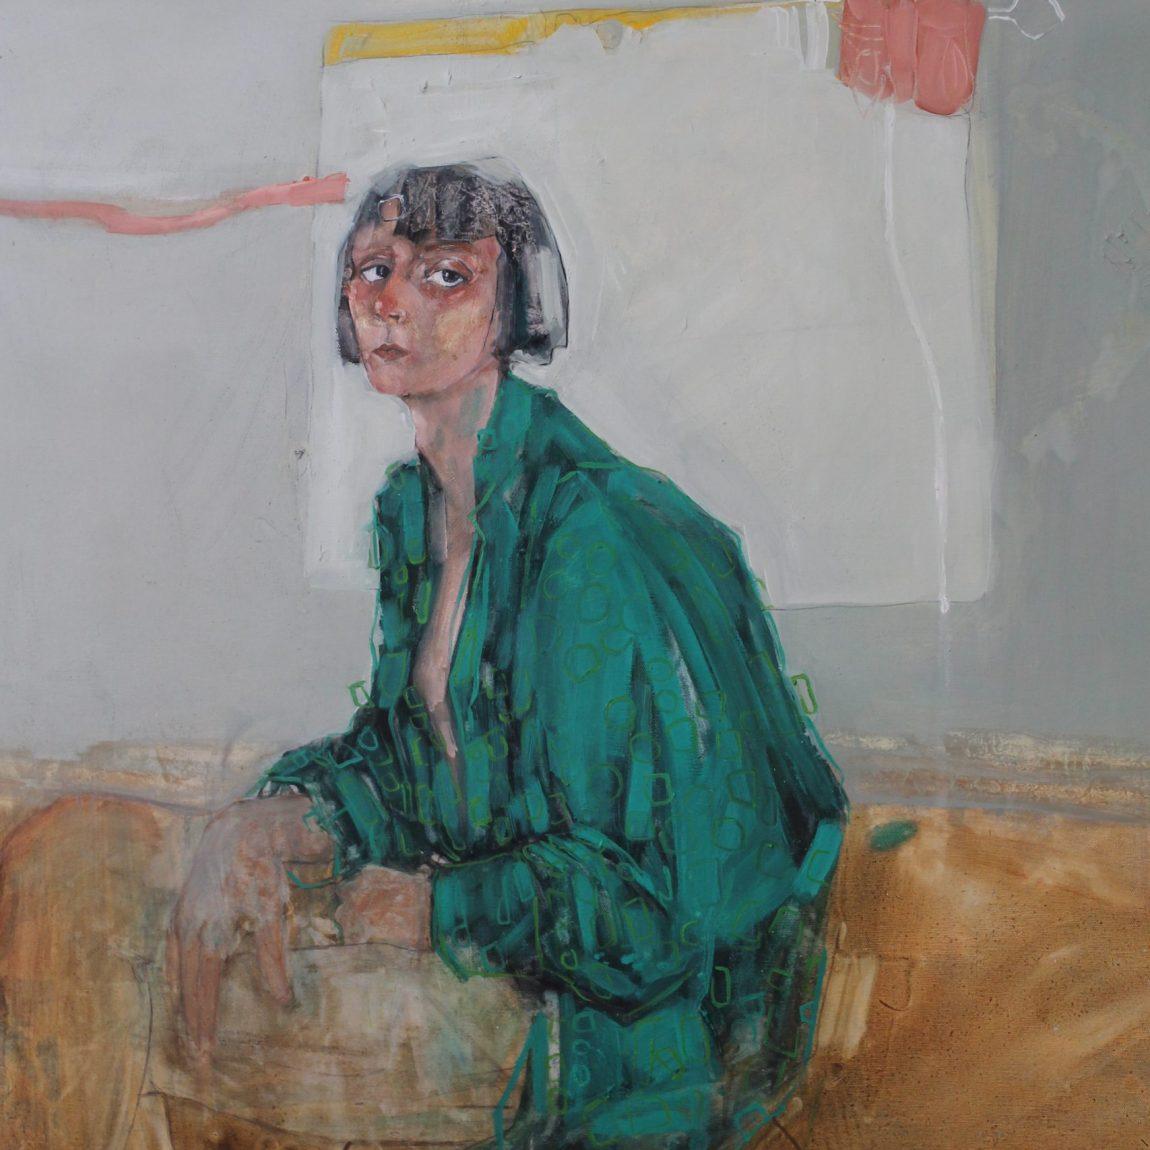 Eser Adı: Oturan Kadın - Teknik: Karışık Teknik Ölçü: 100 x 110 cm - Koleksiyon-